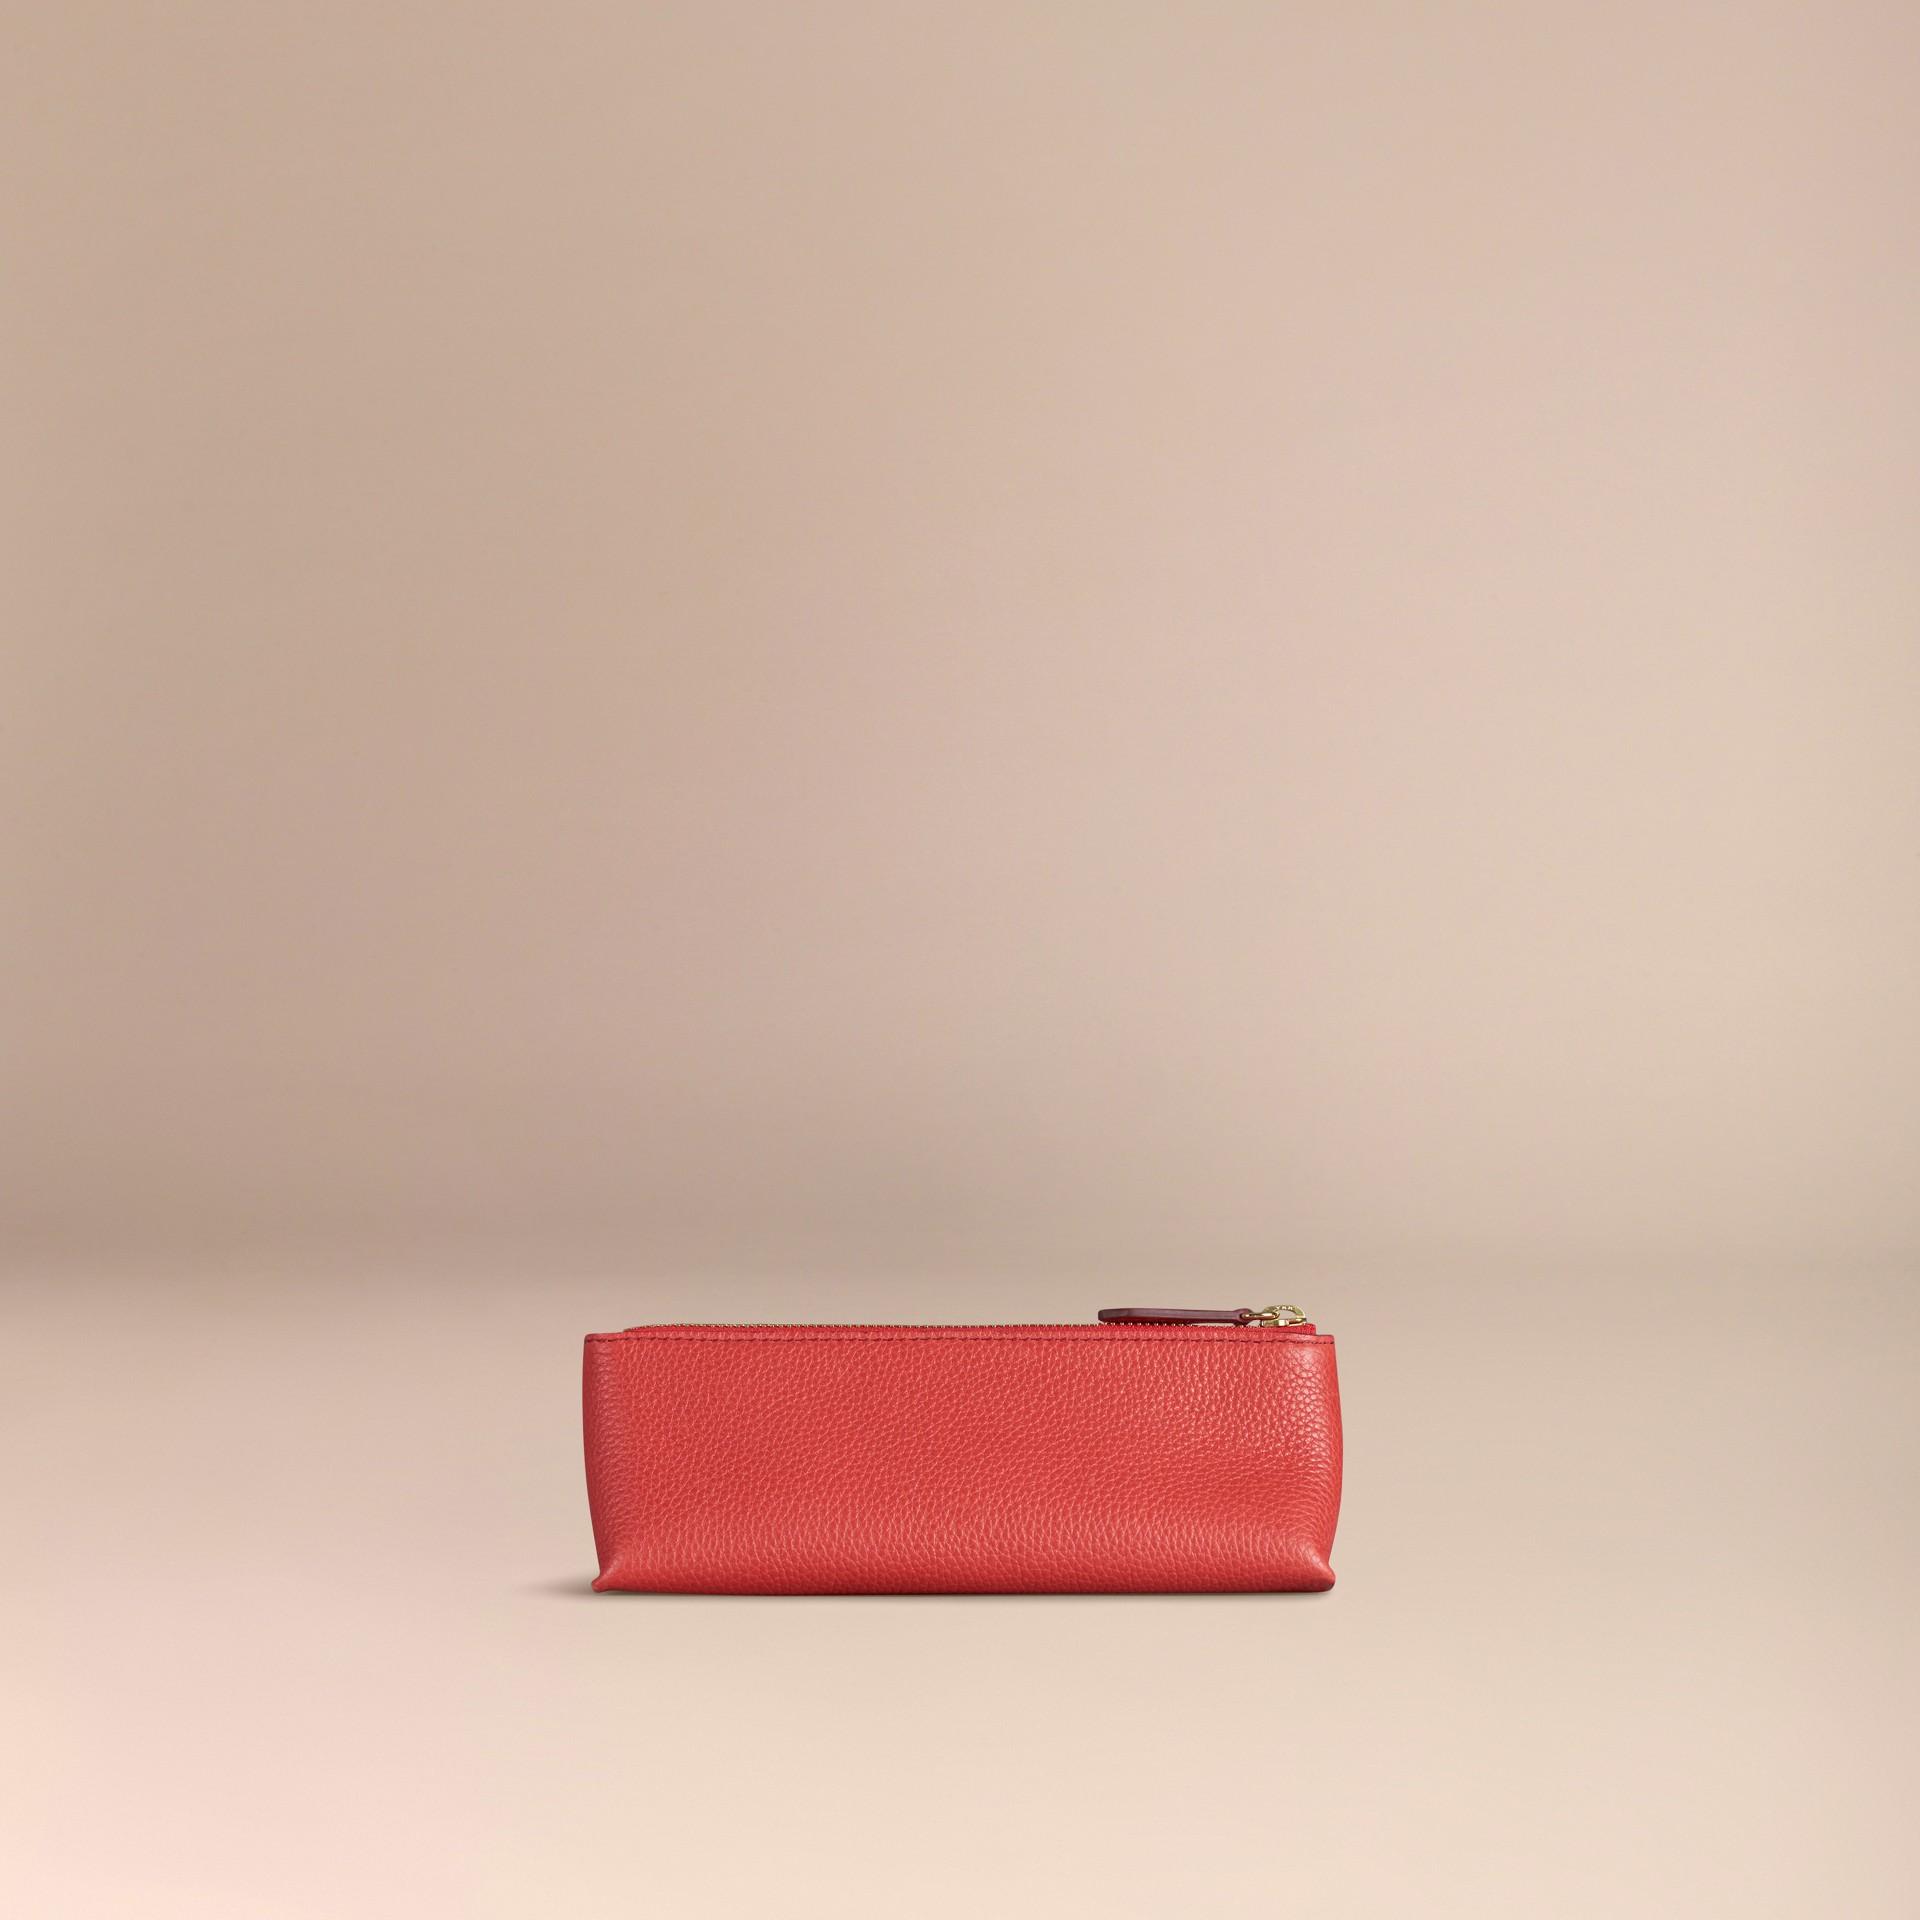 Rouge orangé Petite pochette pour accessoires numériques en cuir grainé Rouge Orangé - photo de la galerie 4